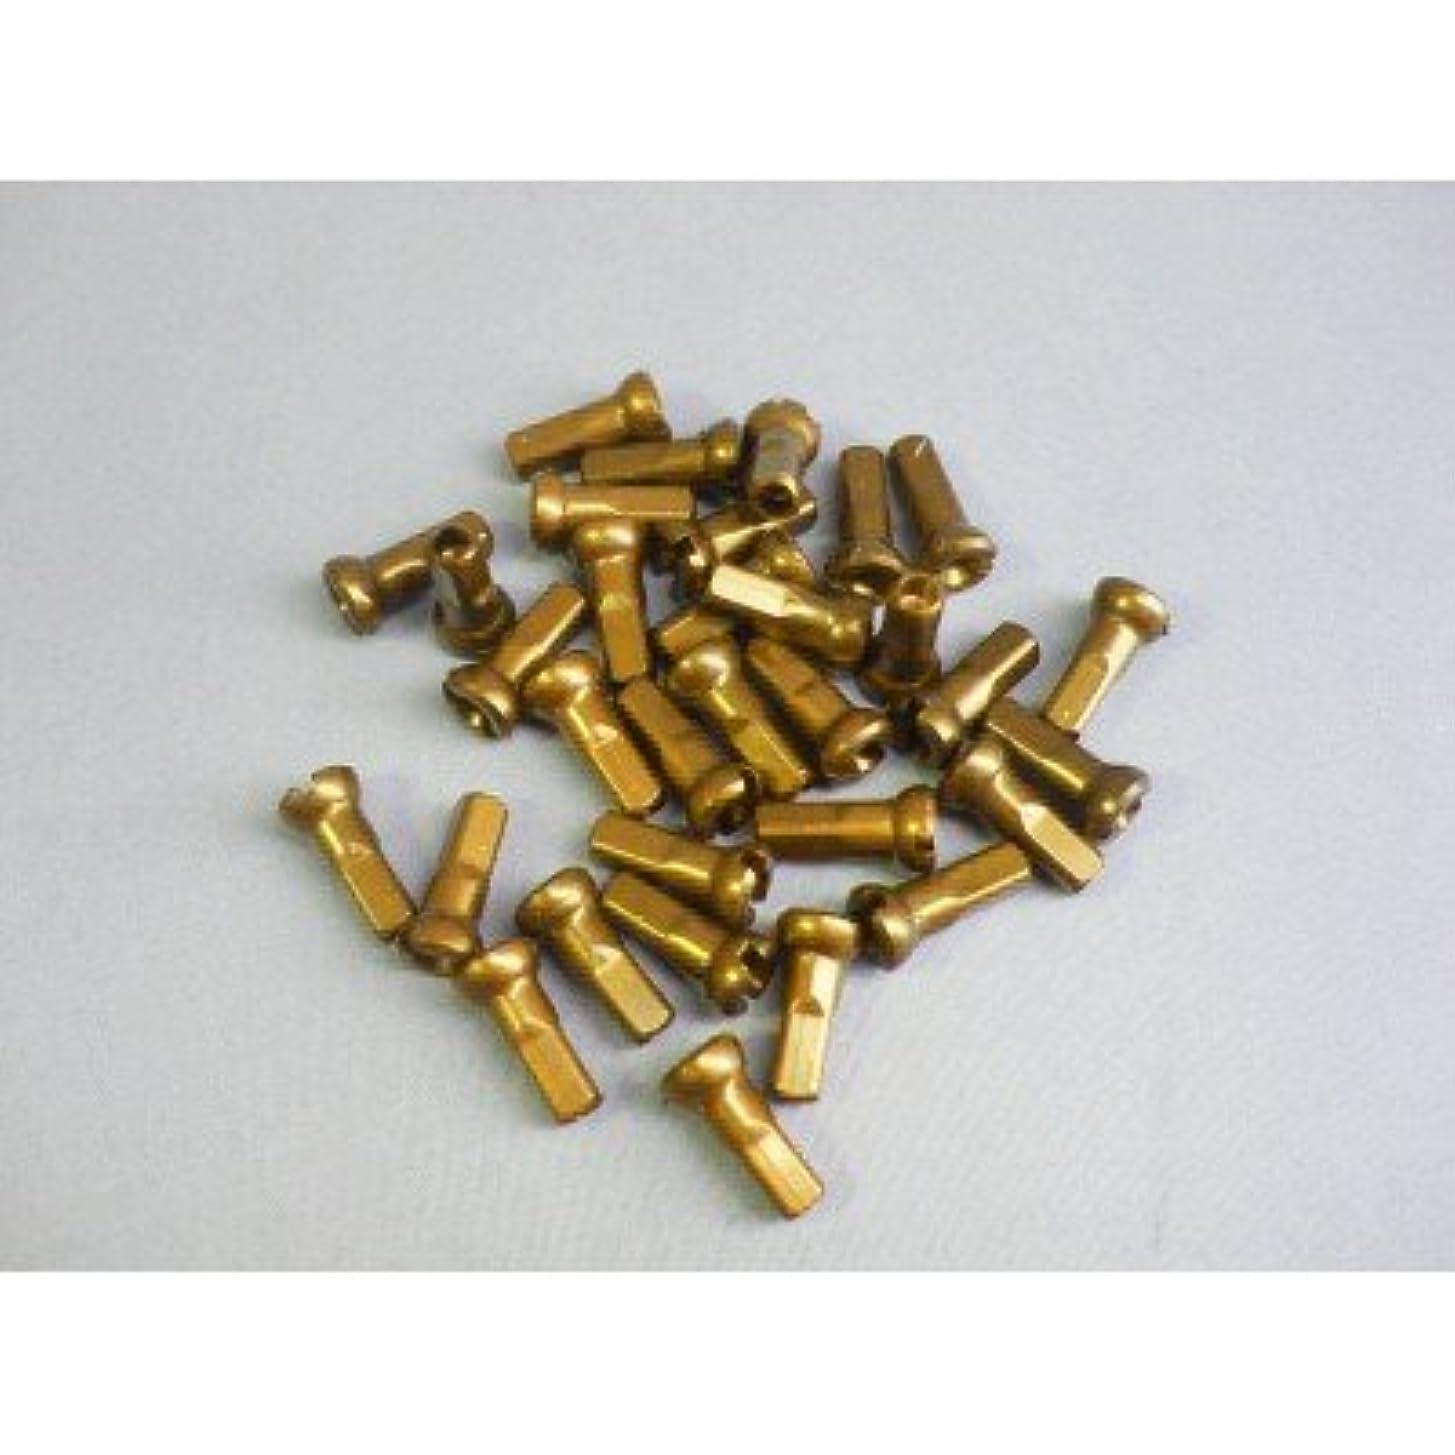 明確な不適切な打ち負かす(サピム/SAPIM)(自転車用ニップル)SecureLock アルミ (14G/14mm/100ケ) イエロー(ゴールド)